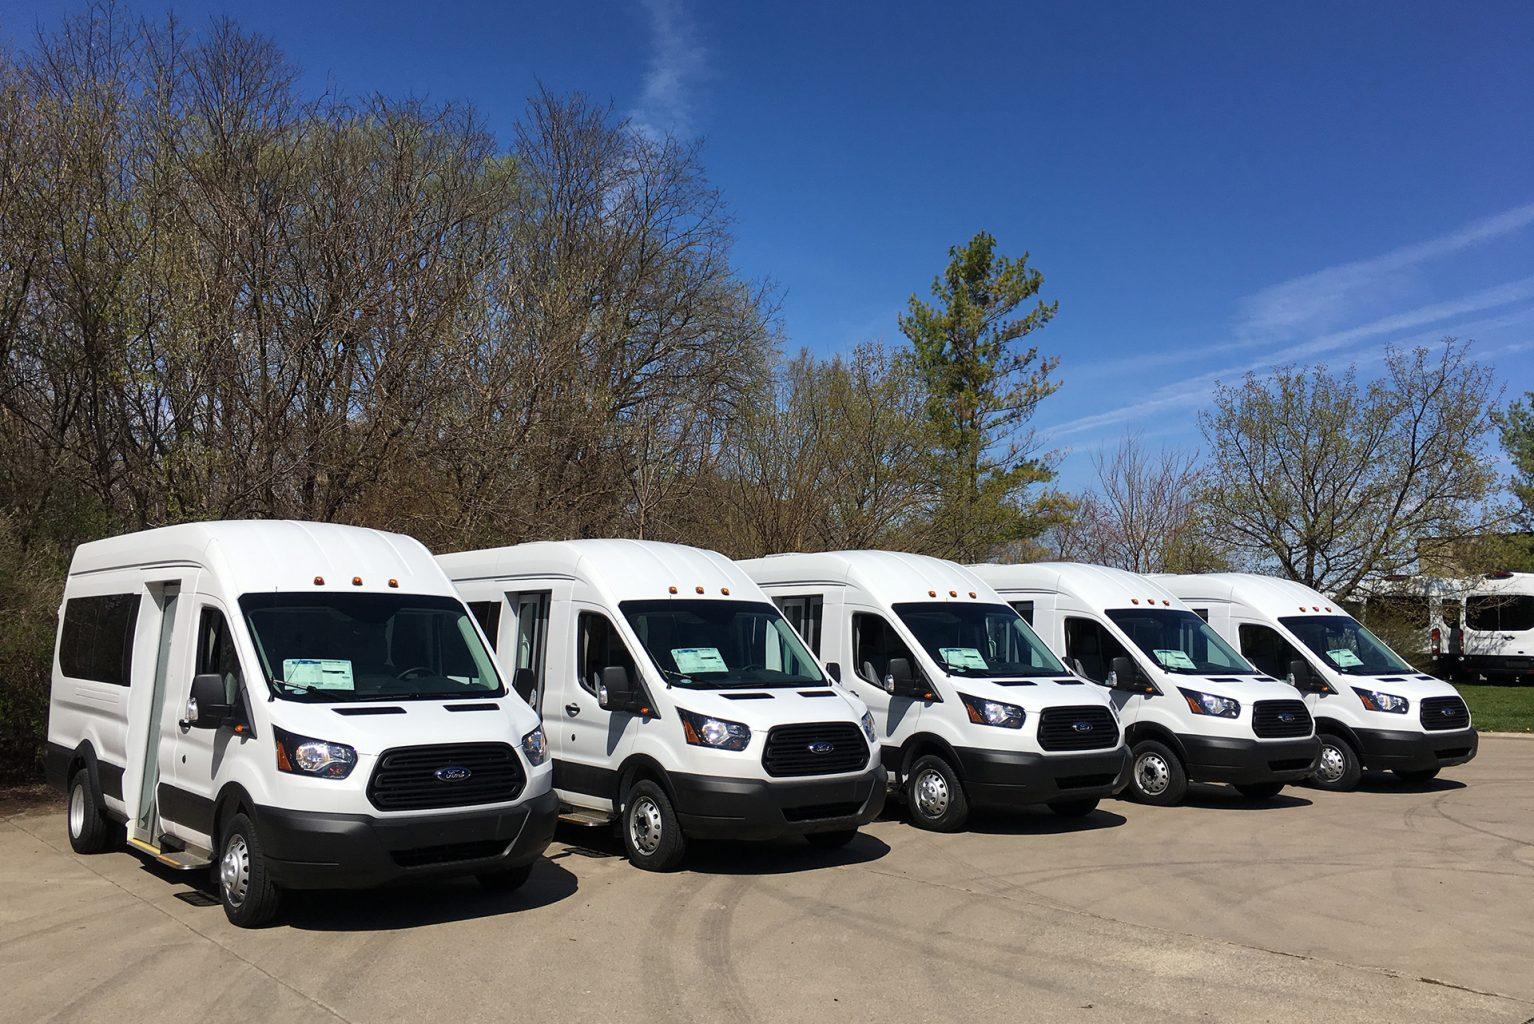 Fleet of Public Transportation vans